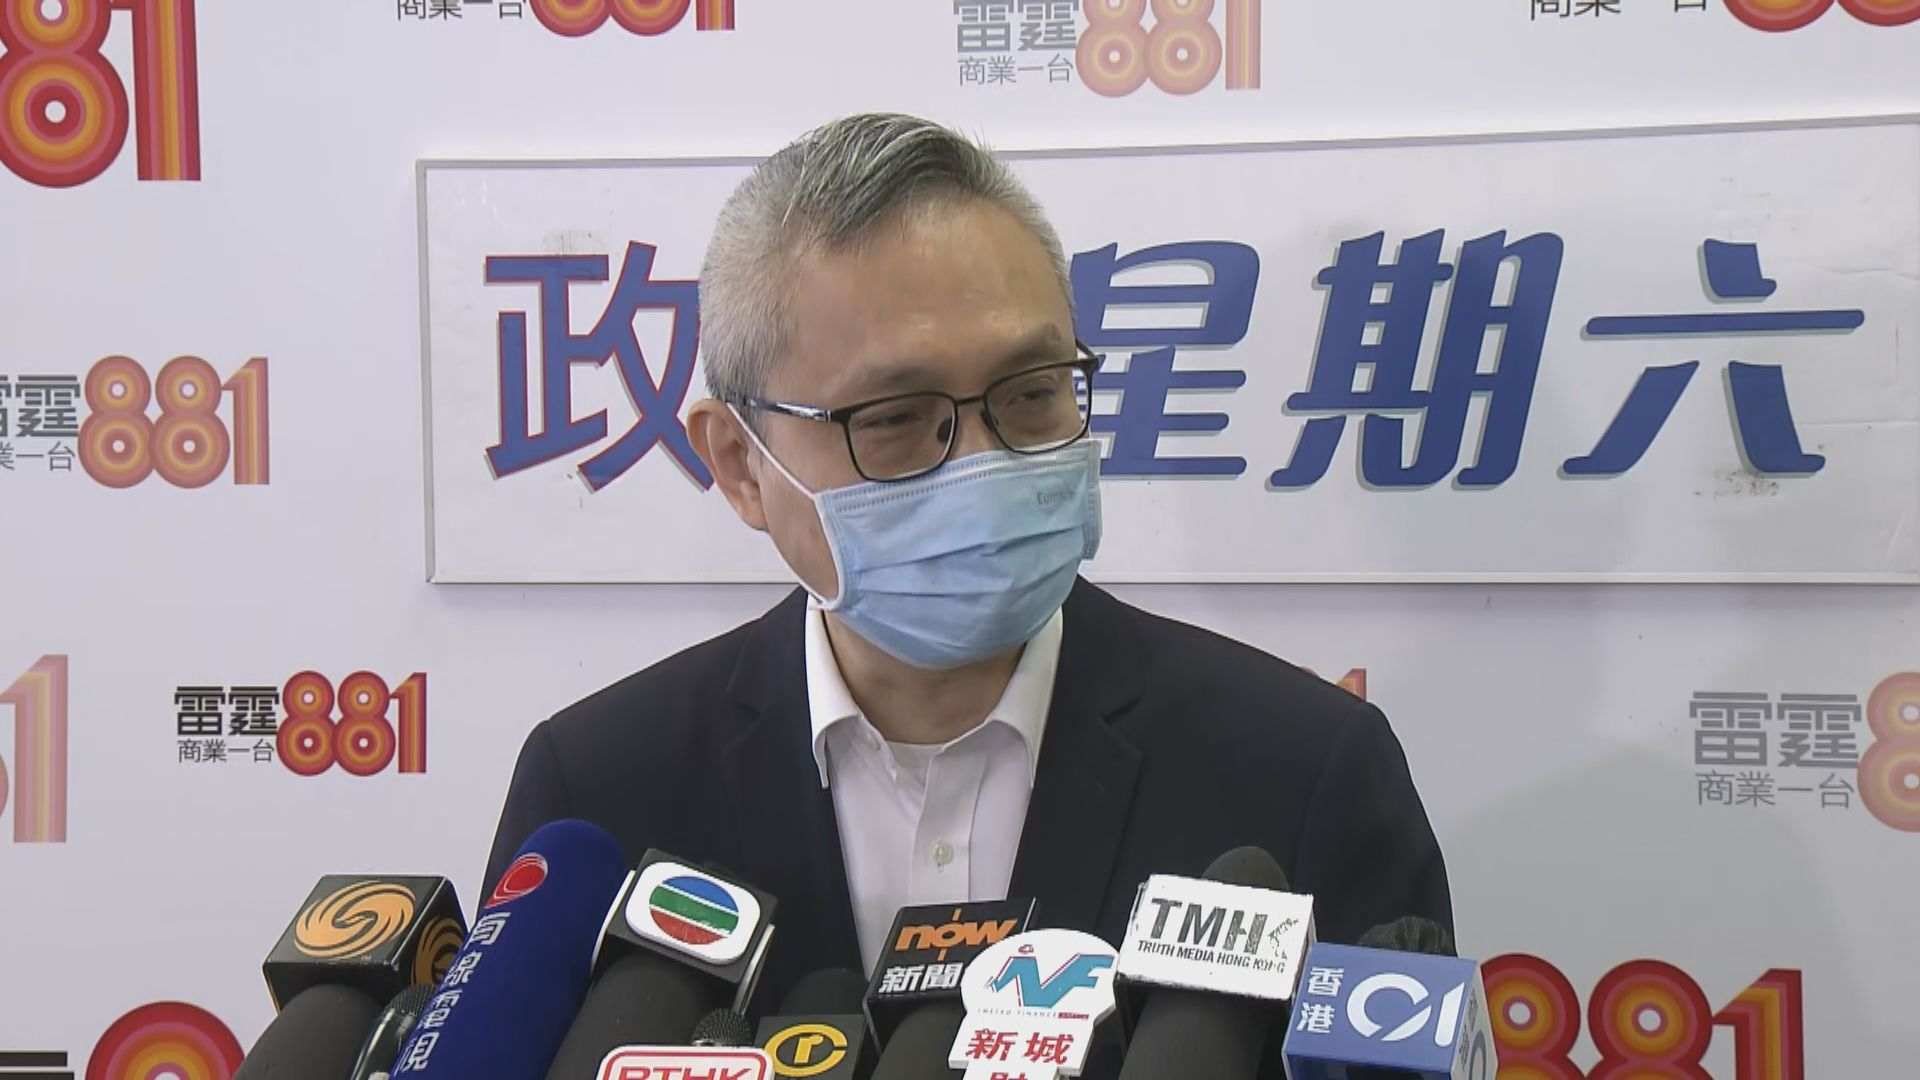 徐德義:檢疫中心數量有限 按風險決定檢疫政策